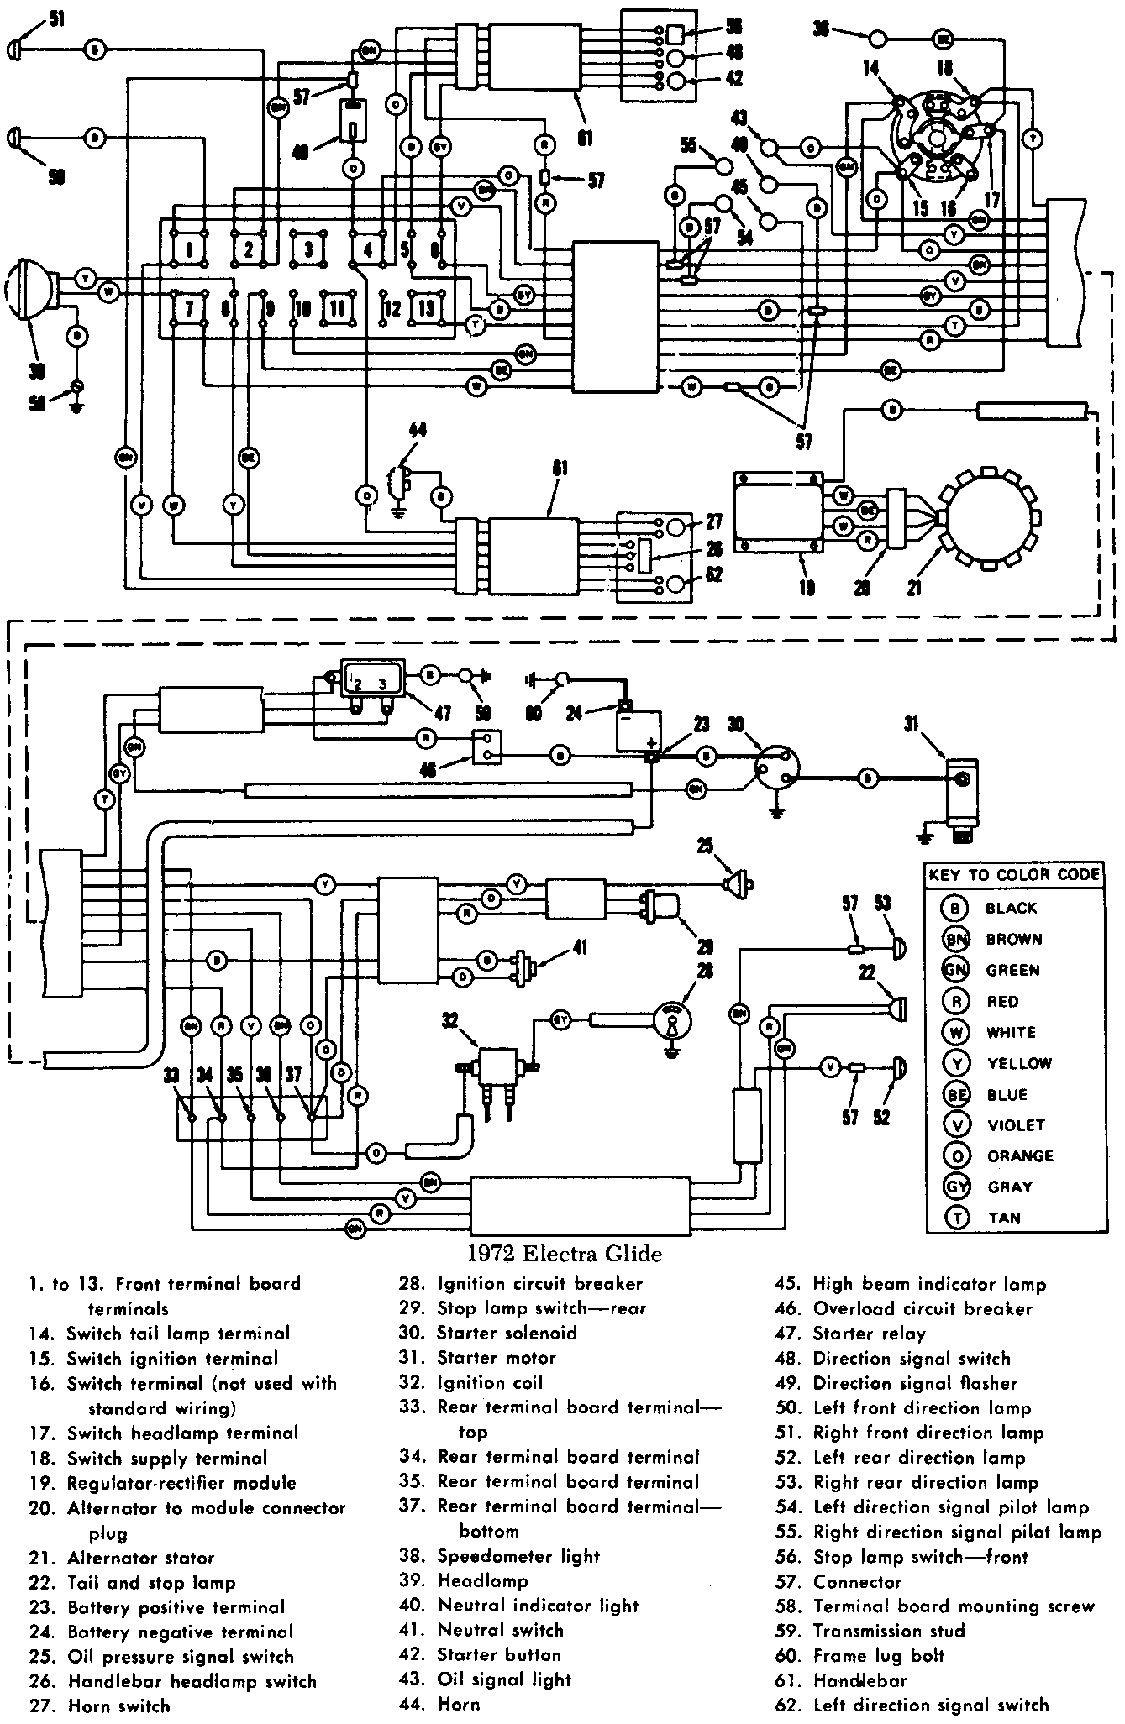 50 Free Harley Davidson Wiring Diagrams Ma4g Check More At